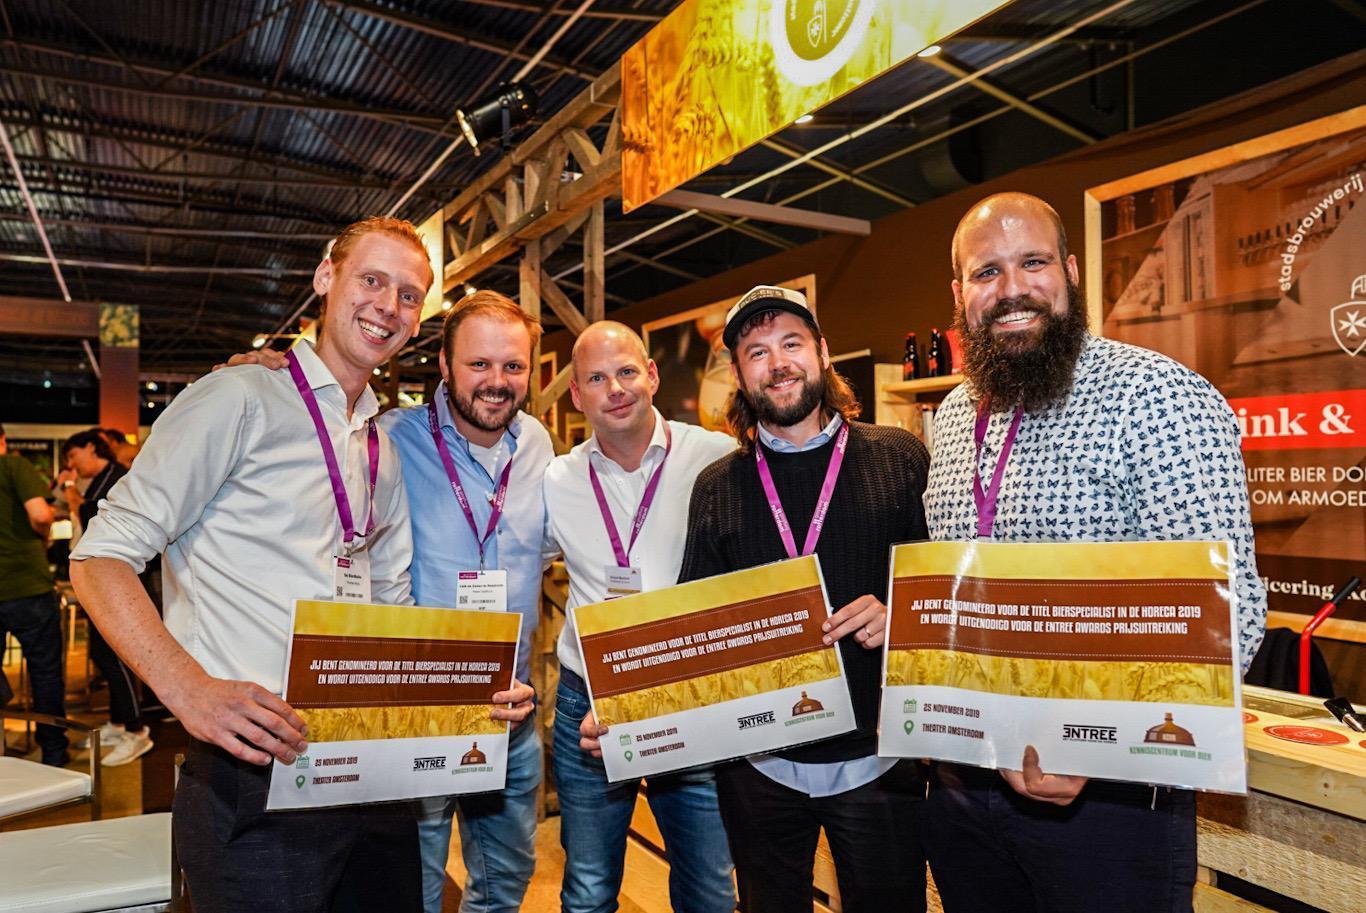 De 5 genomineerden voor de titel ''Bierspecialist in de horeca'' zijn bekend!